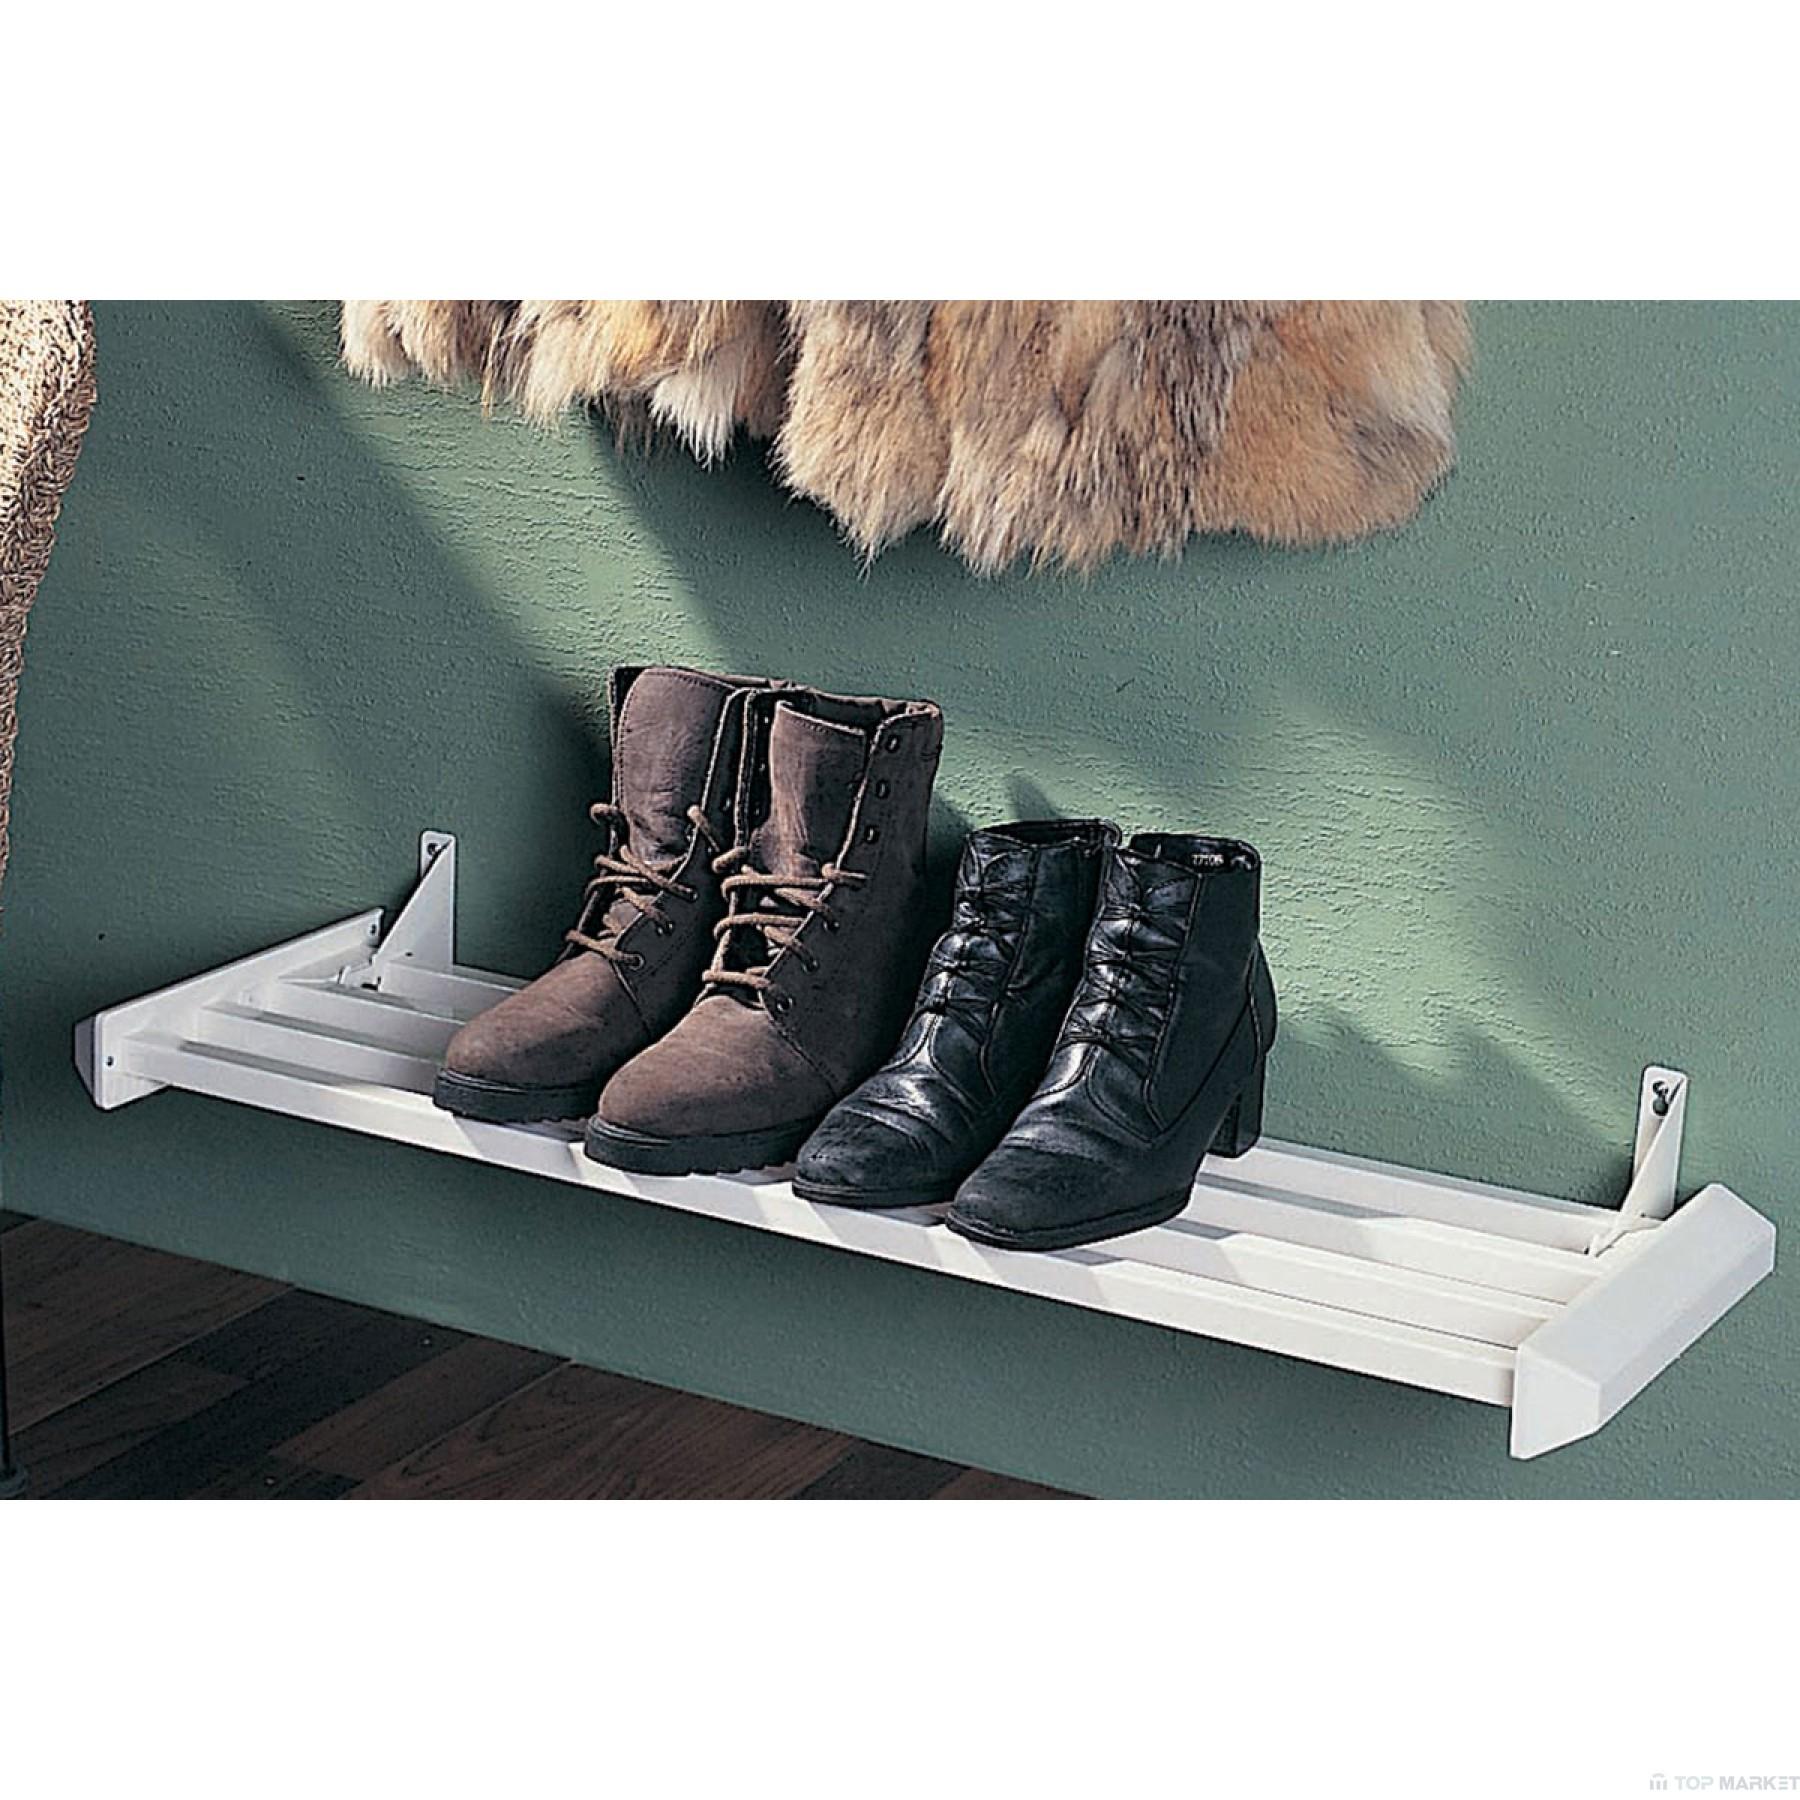 Сушилня за дрехи и обувки Adax TKH 211